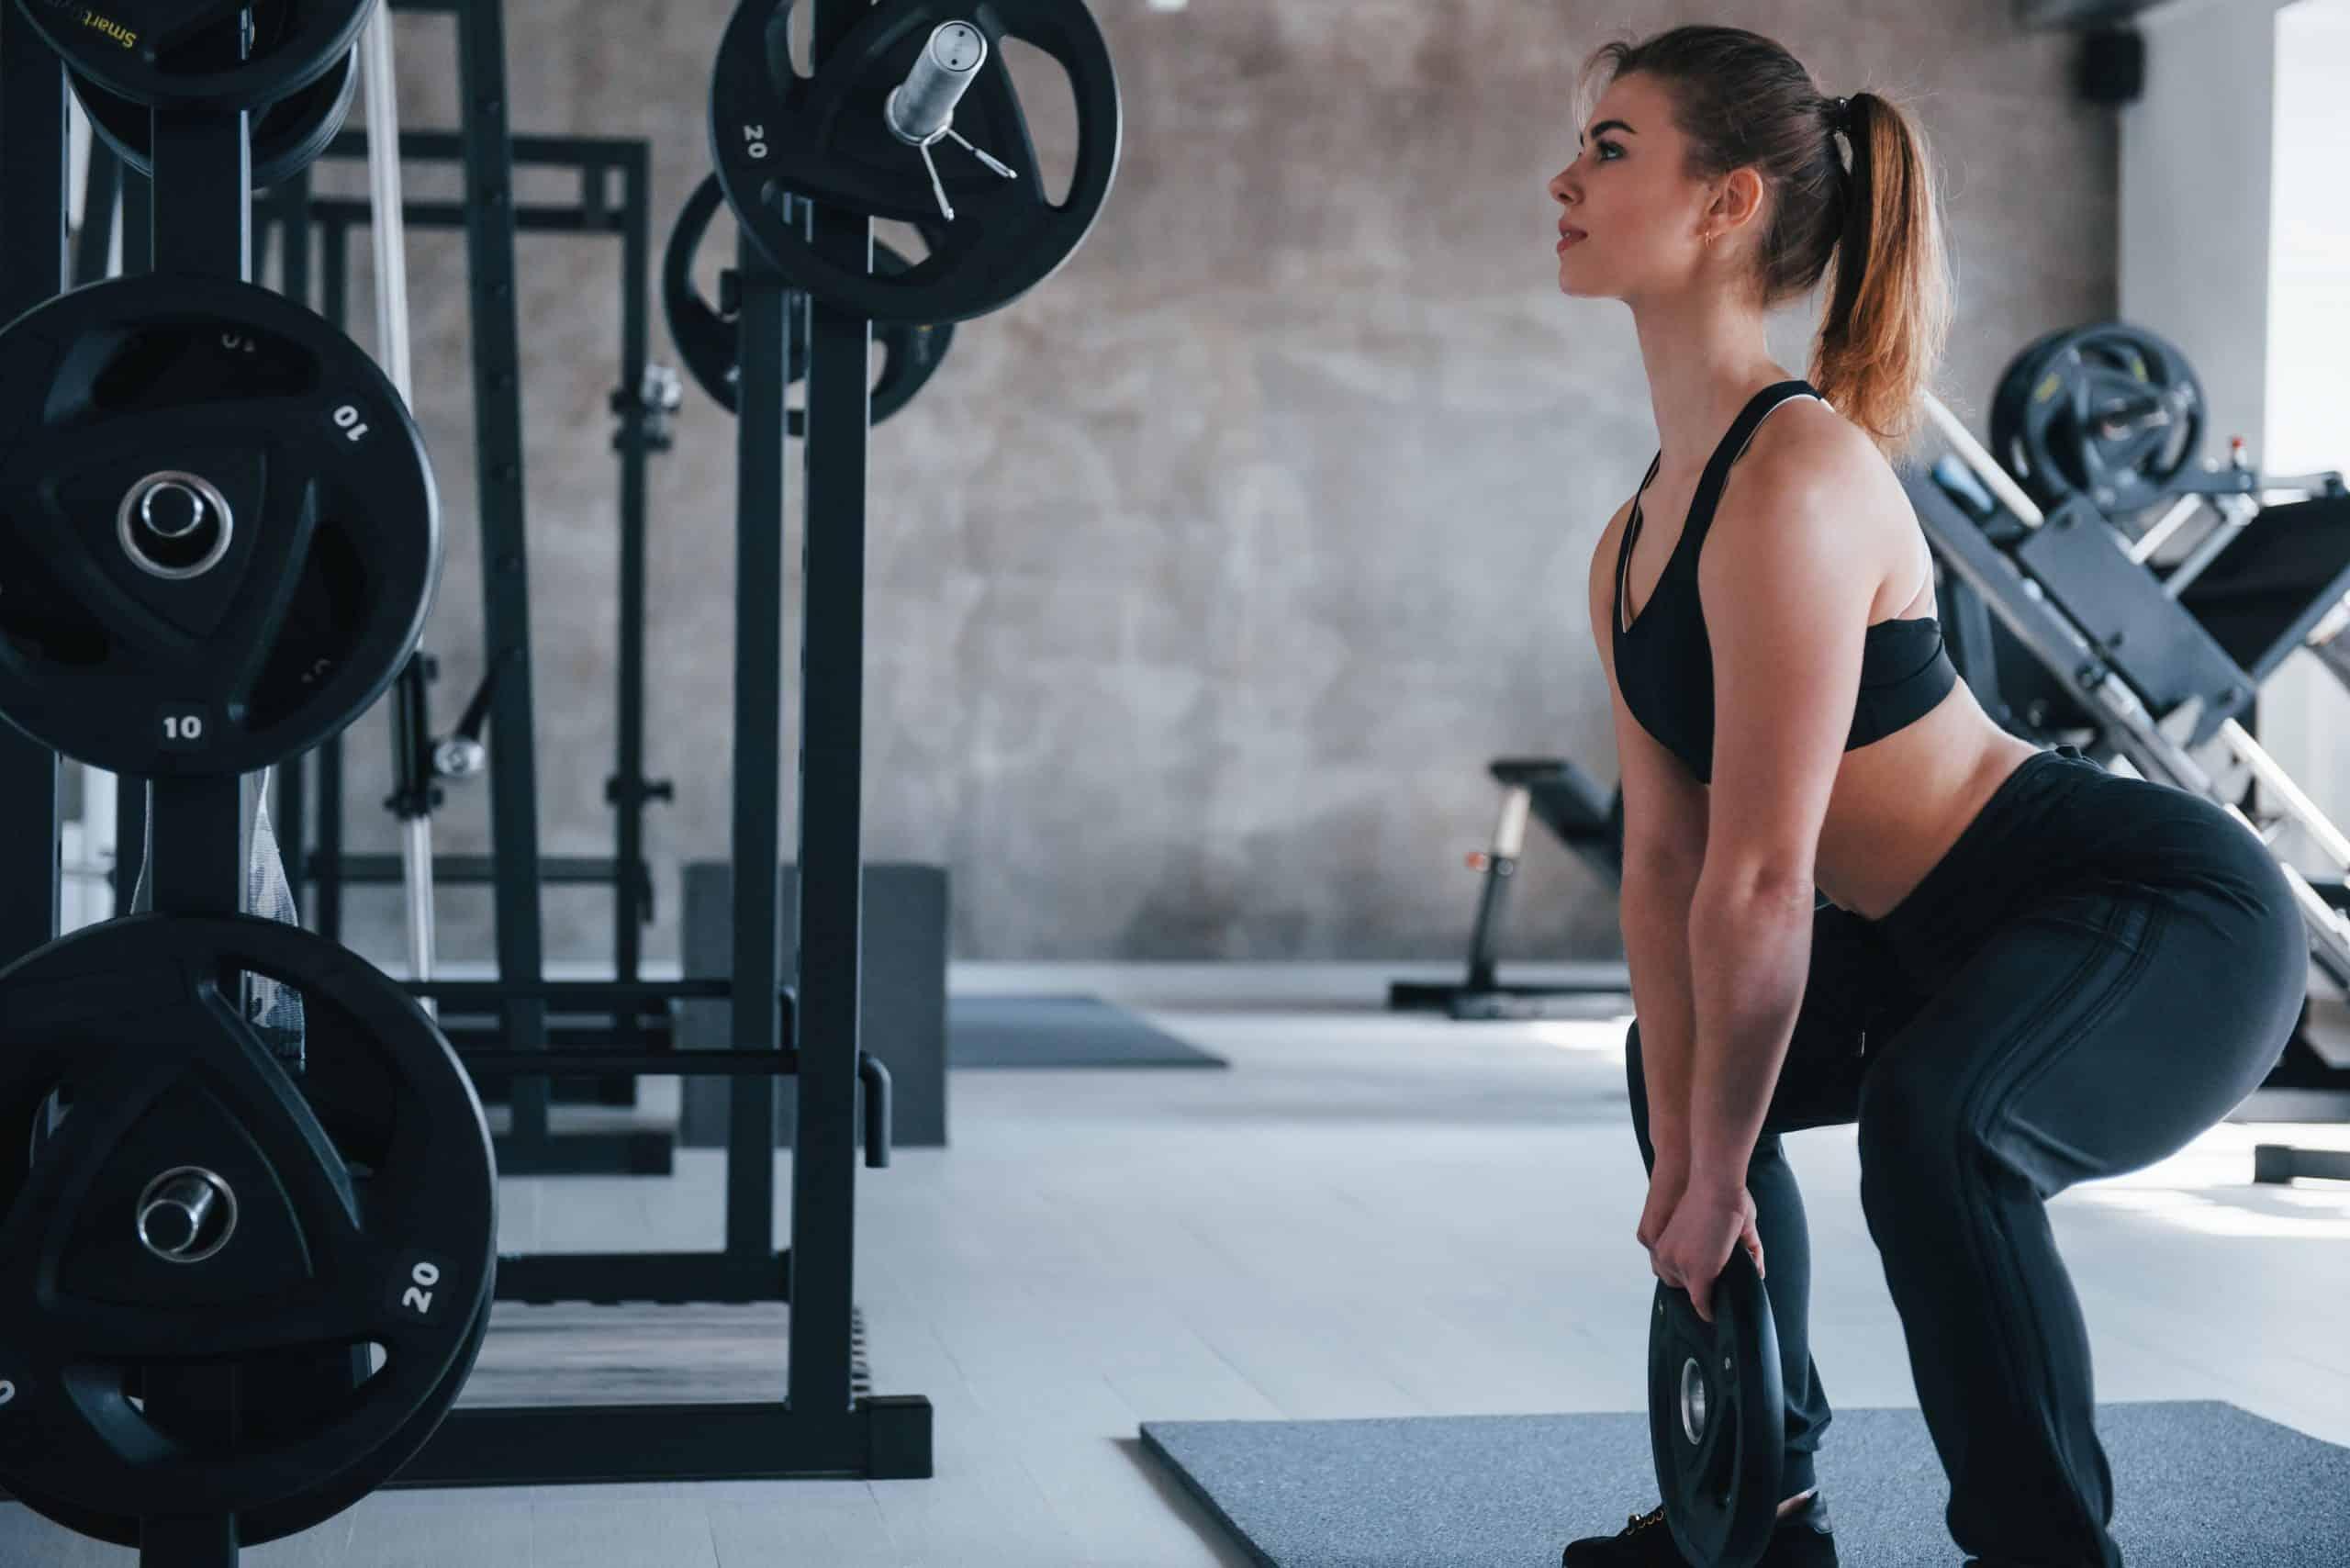 Jaki trening warto zastosować na zgrabne pośladki?